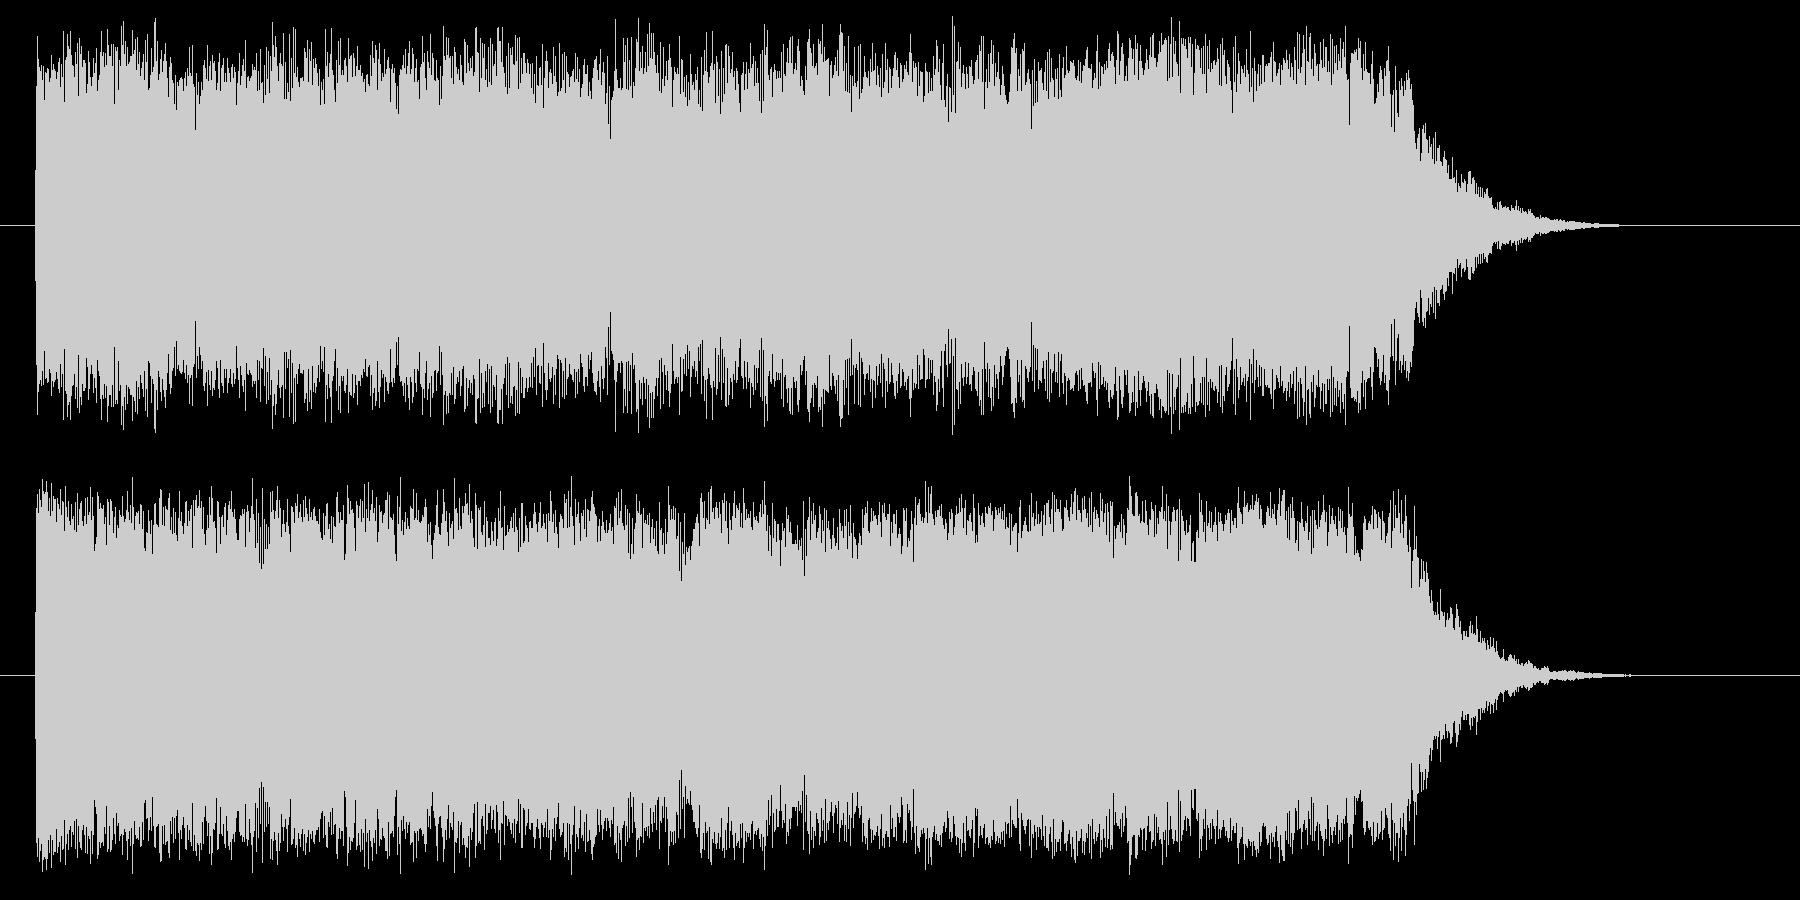 明るいキラキラしたシンセサイザーの曲の未再生の波形